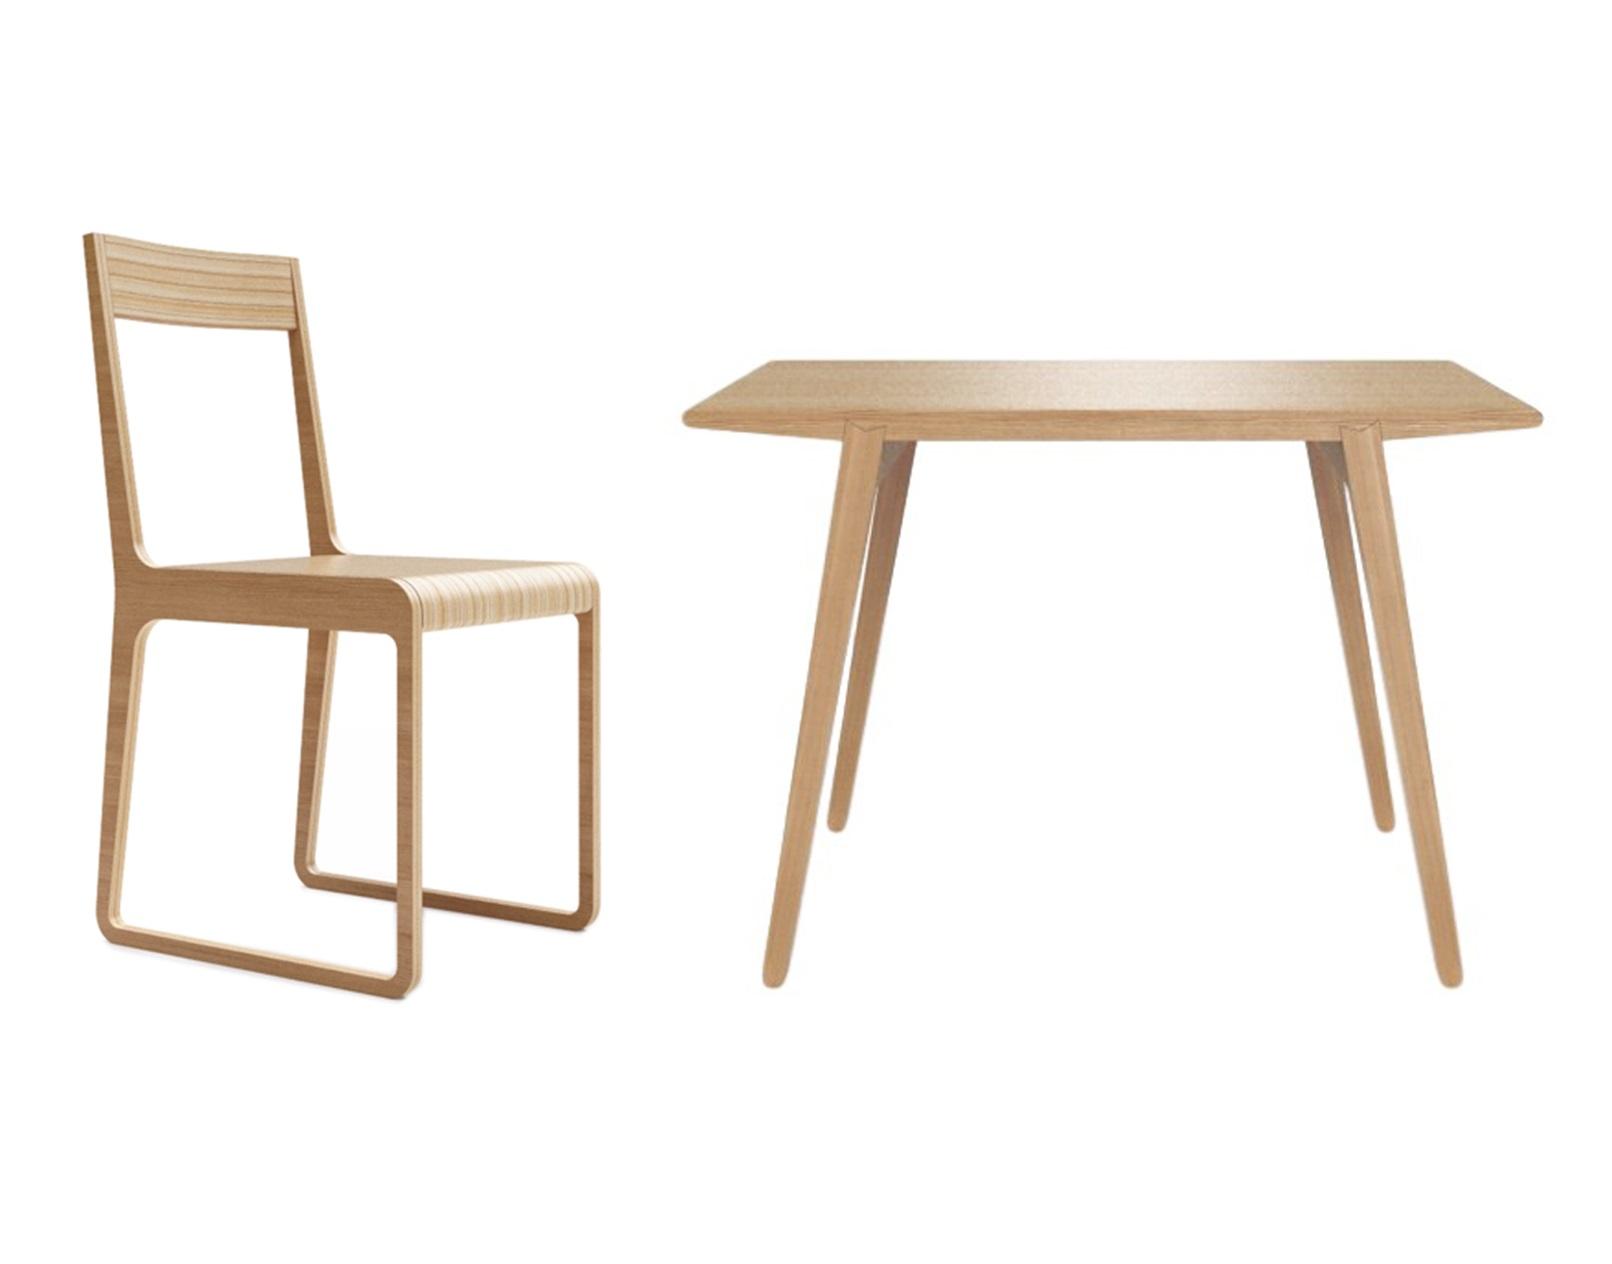 Обеденная группа M?nster?s (стол + 4 стула)Комплекты для столовой<br>&amp;lt;div&amp;gt;&amp;lt;div&amp;gt;Стол M?nster?s сочетает в себе формы футуристичных 60-х и естественность скандинавского дизайна. У стола и стула отделка шпоном дуба.&amp;lt;/div&amp;gt;&amp;lt;div&amp;gt;Данный стол производится в 5 размерах.&amp;lt;/div&amp;gt;&amp;lt;/div&amp;gt;&amp;lt;div&amp;gt;&amp;lt;br&amp;gt;&amp;lt;/div&amp;gt;&amp;lt;div&amp;gt;&amp;lt;div&amp;gt;Размеры стола: 140/70/75&amp;lt;/div&amp;gt;&amp;lt;div&amp;gt;Материал стола: фанера&amp;lt;/div&amp;gt;&amp;lt;div&amp;gt;Размеры стула: 40/51/75&amp;lt;/div&amp;gt;&amp;lt;div&amp;gt;Материал стула: фанера&amp;lt;/div&amp;gt;&amp;lt;/div&amp;gt;<br><br>Material: Фанера<br>Ширина см: 140<br>Высота см: 75<br>Глубина см: 70